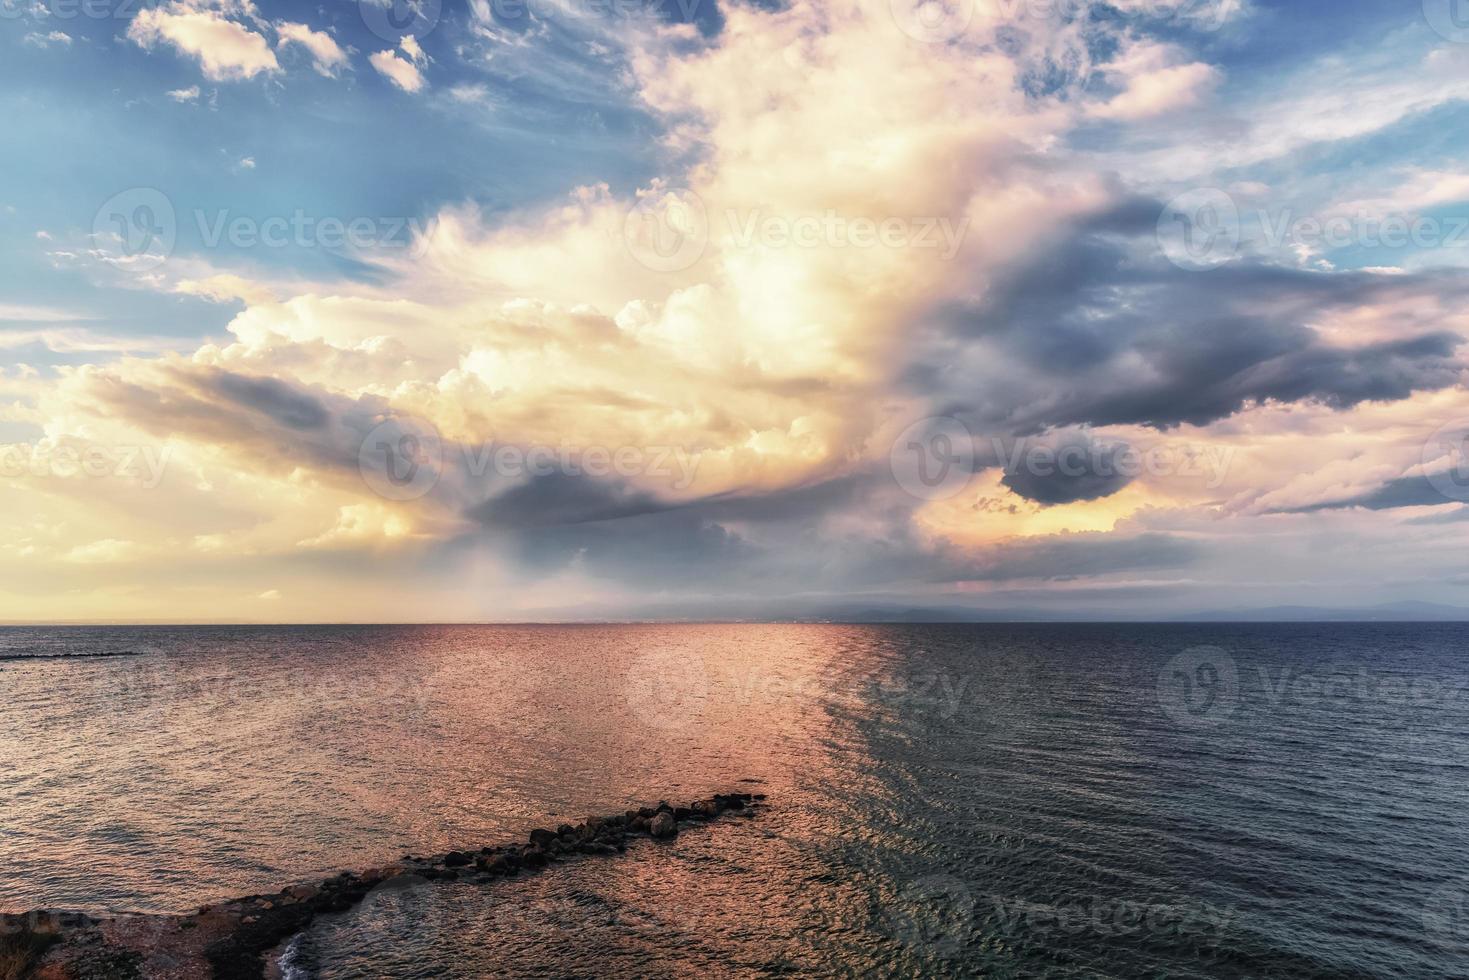 coucher de soleil spectaculaire en pleine mer, ciel panoramique sur la mer égée, péninsule de kassandra, grèce. photo